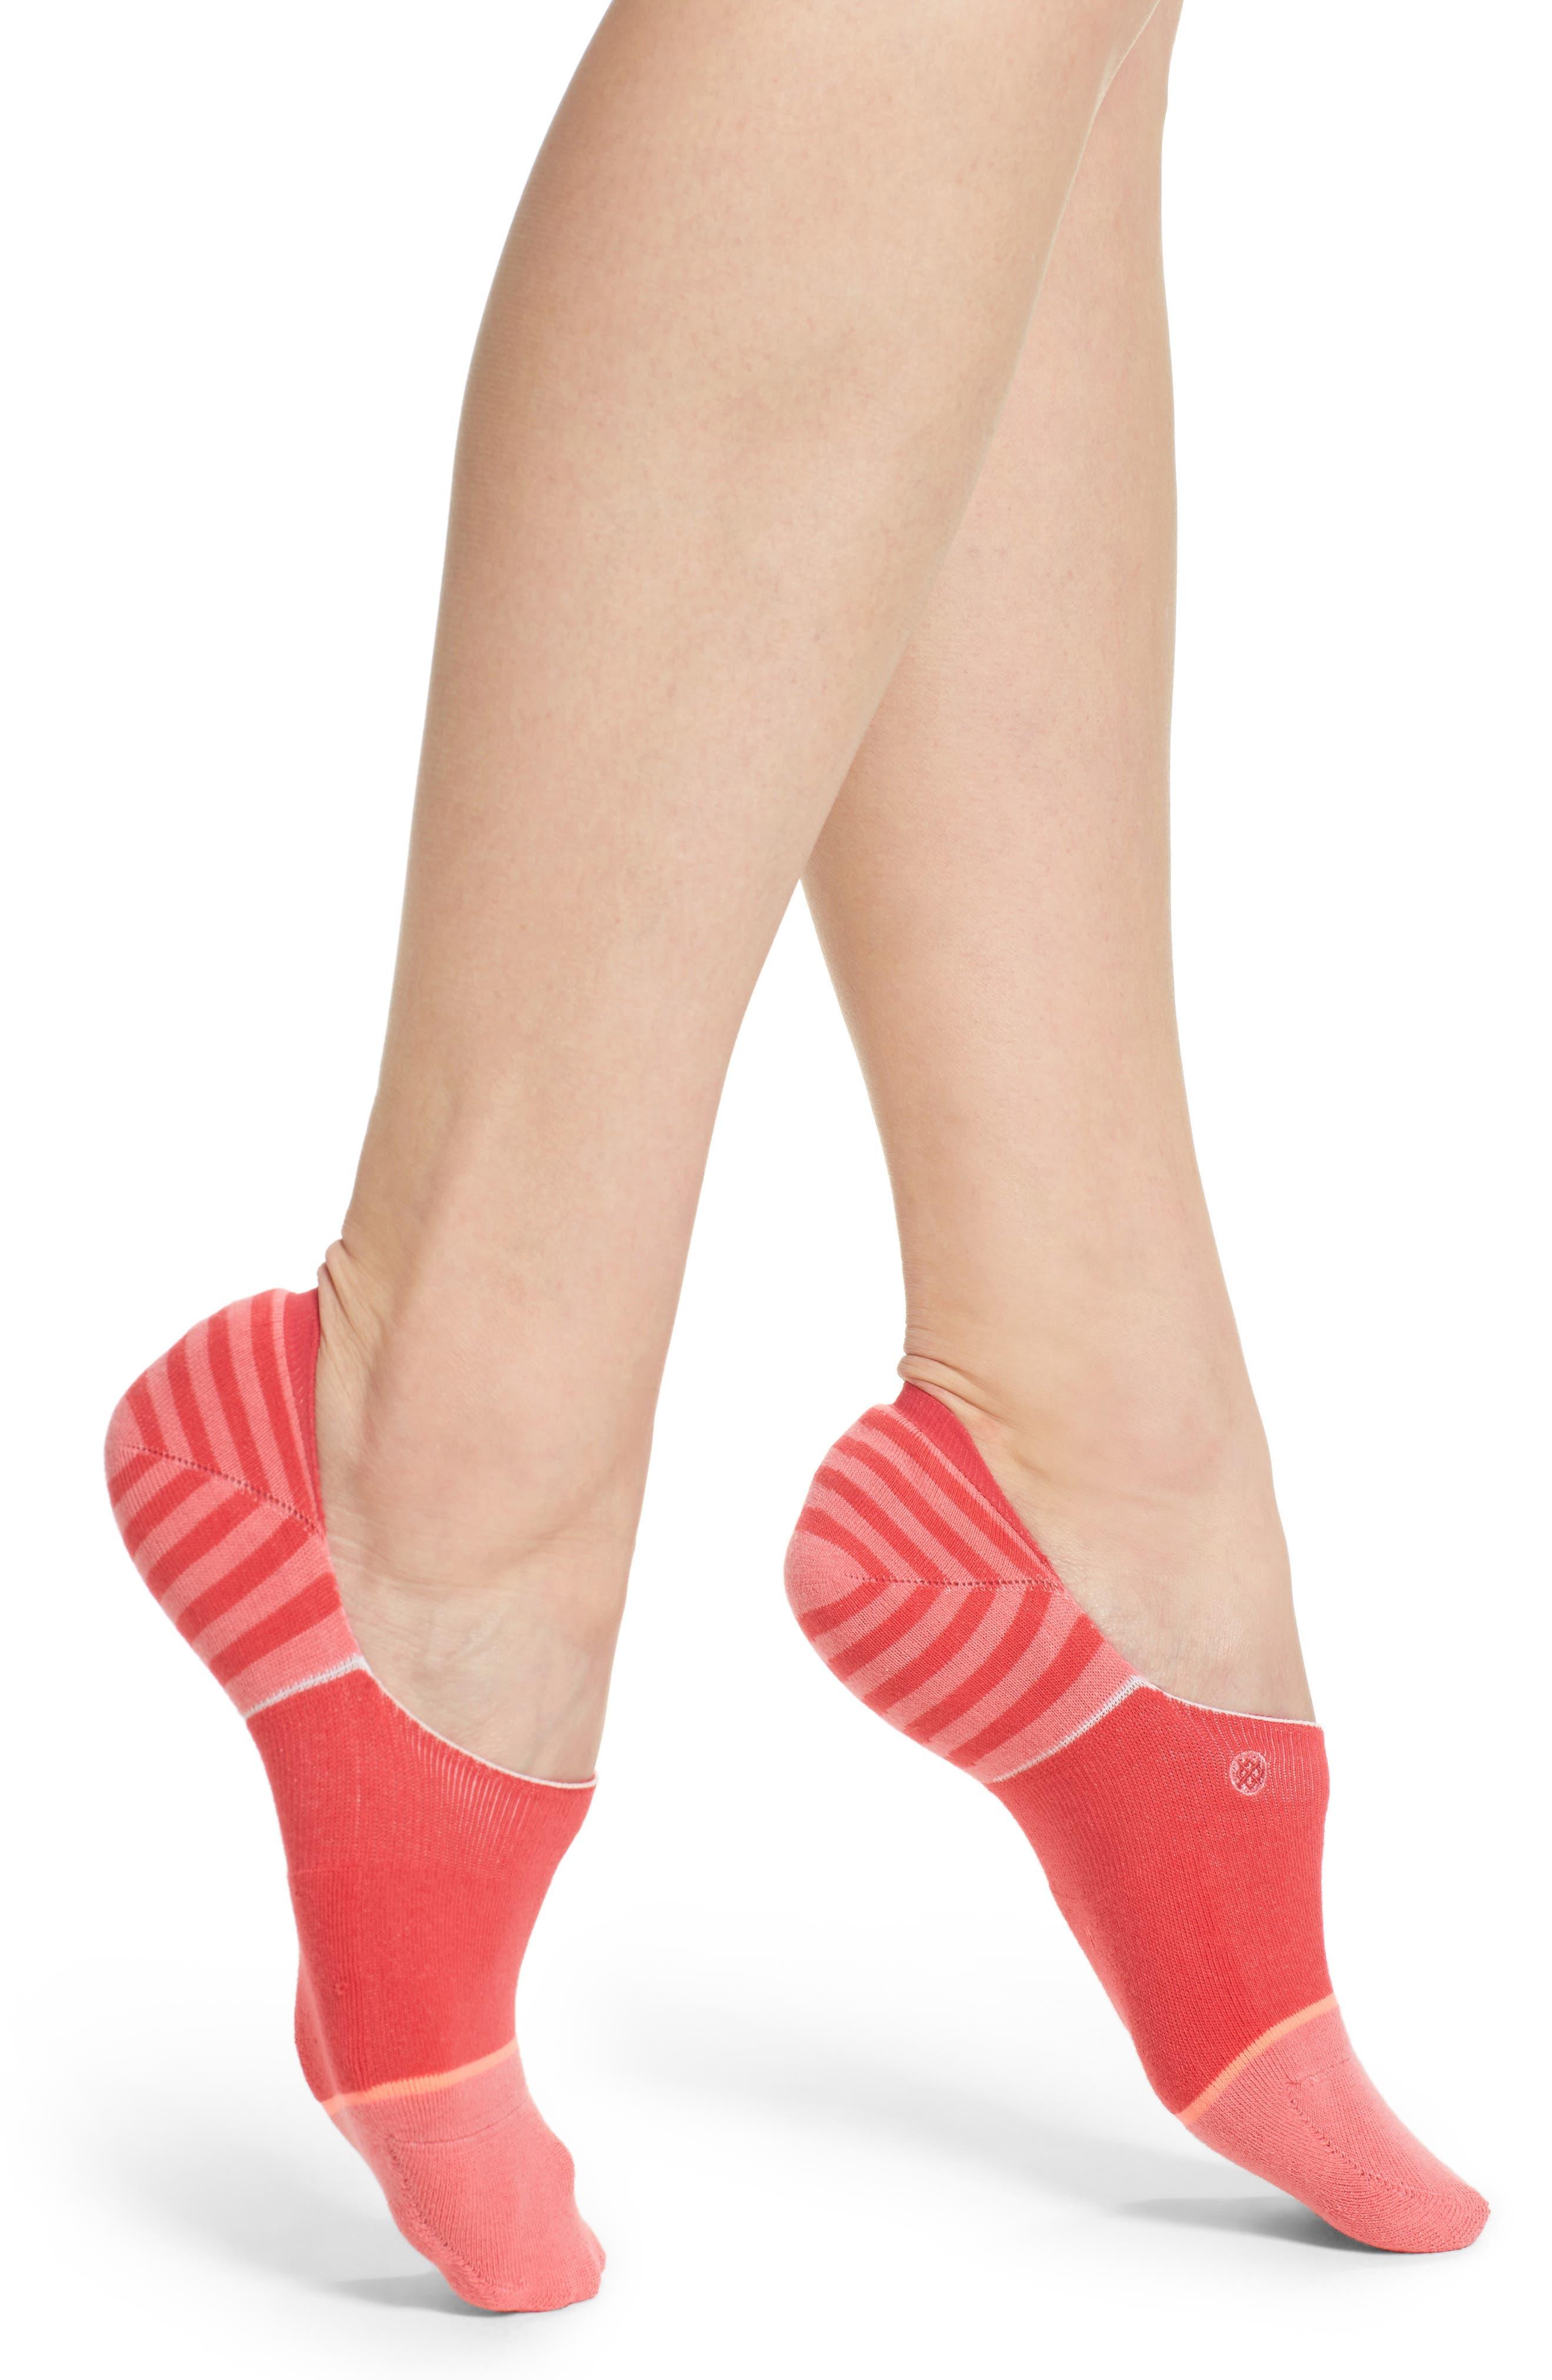 Stance Uncommon Super Invisible No-Show Socks